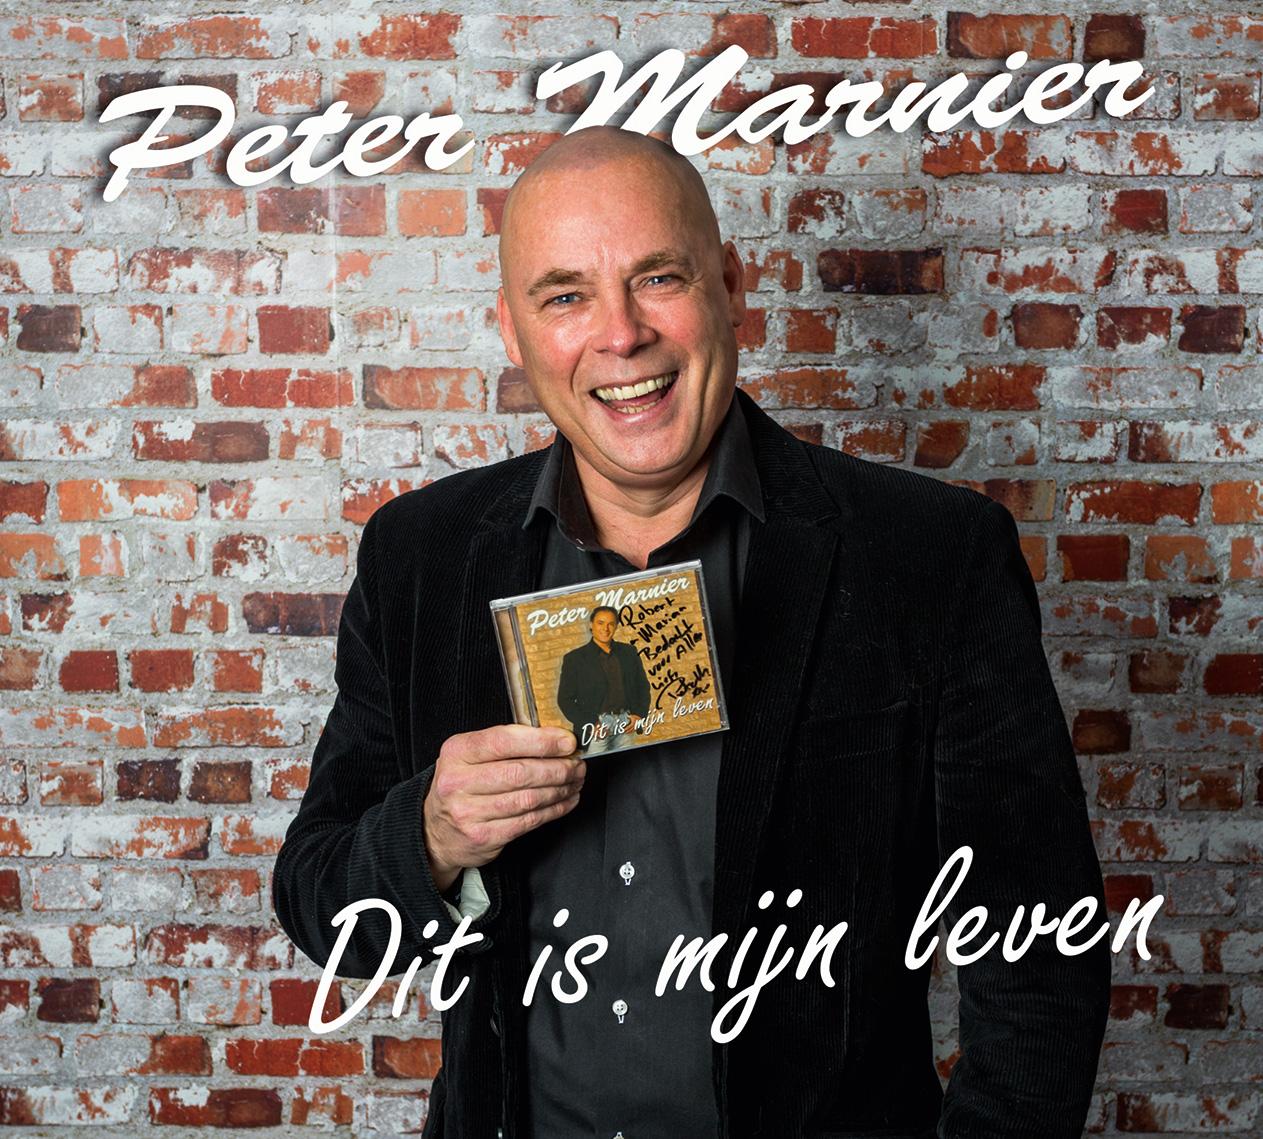 Peter Marnier - Dit is mijn leven